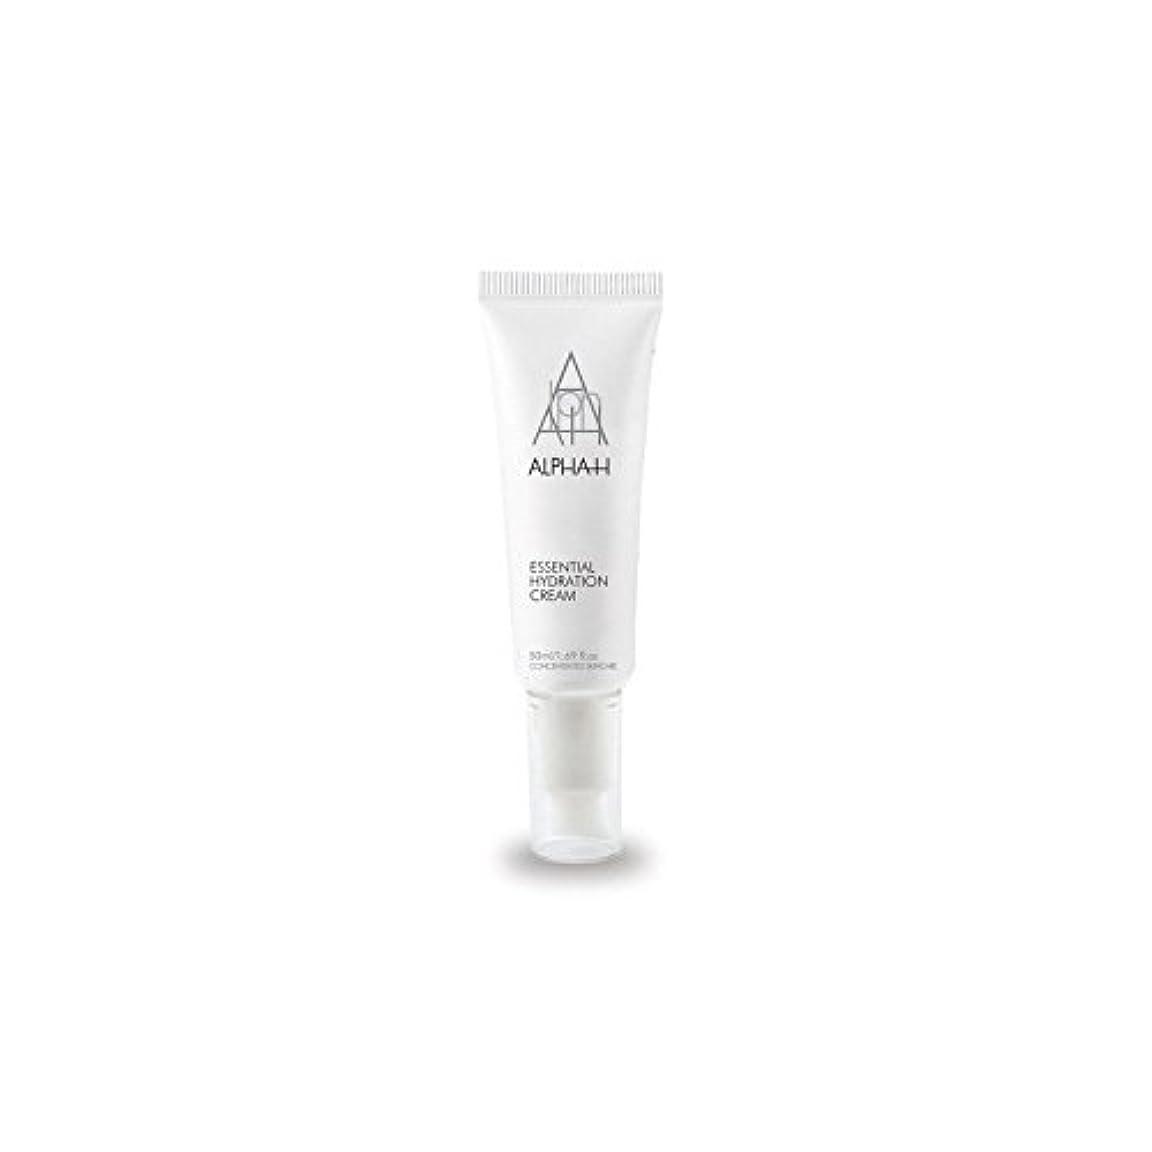 衝突するファッション歌アルファ必須水和クリーム(50)中 x2 - Alpha-H Essential Hydration Cream (50ml) (Pack of 2) [並行輸入品]